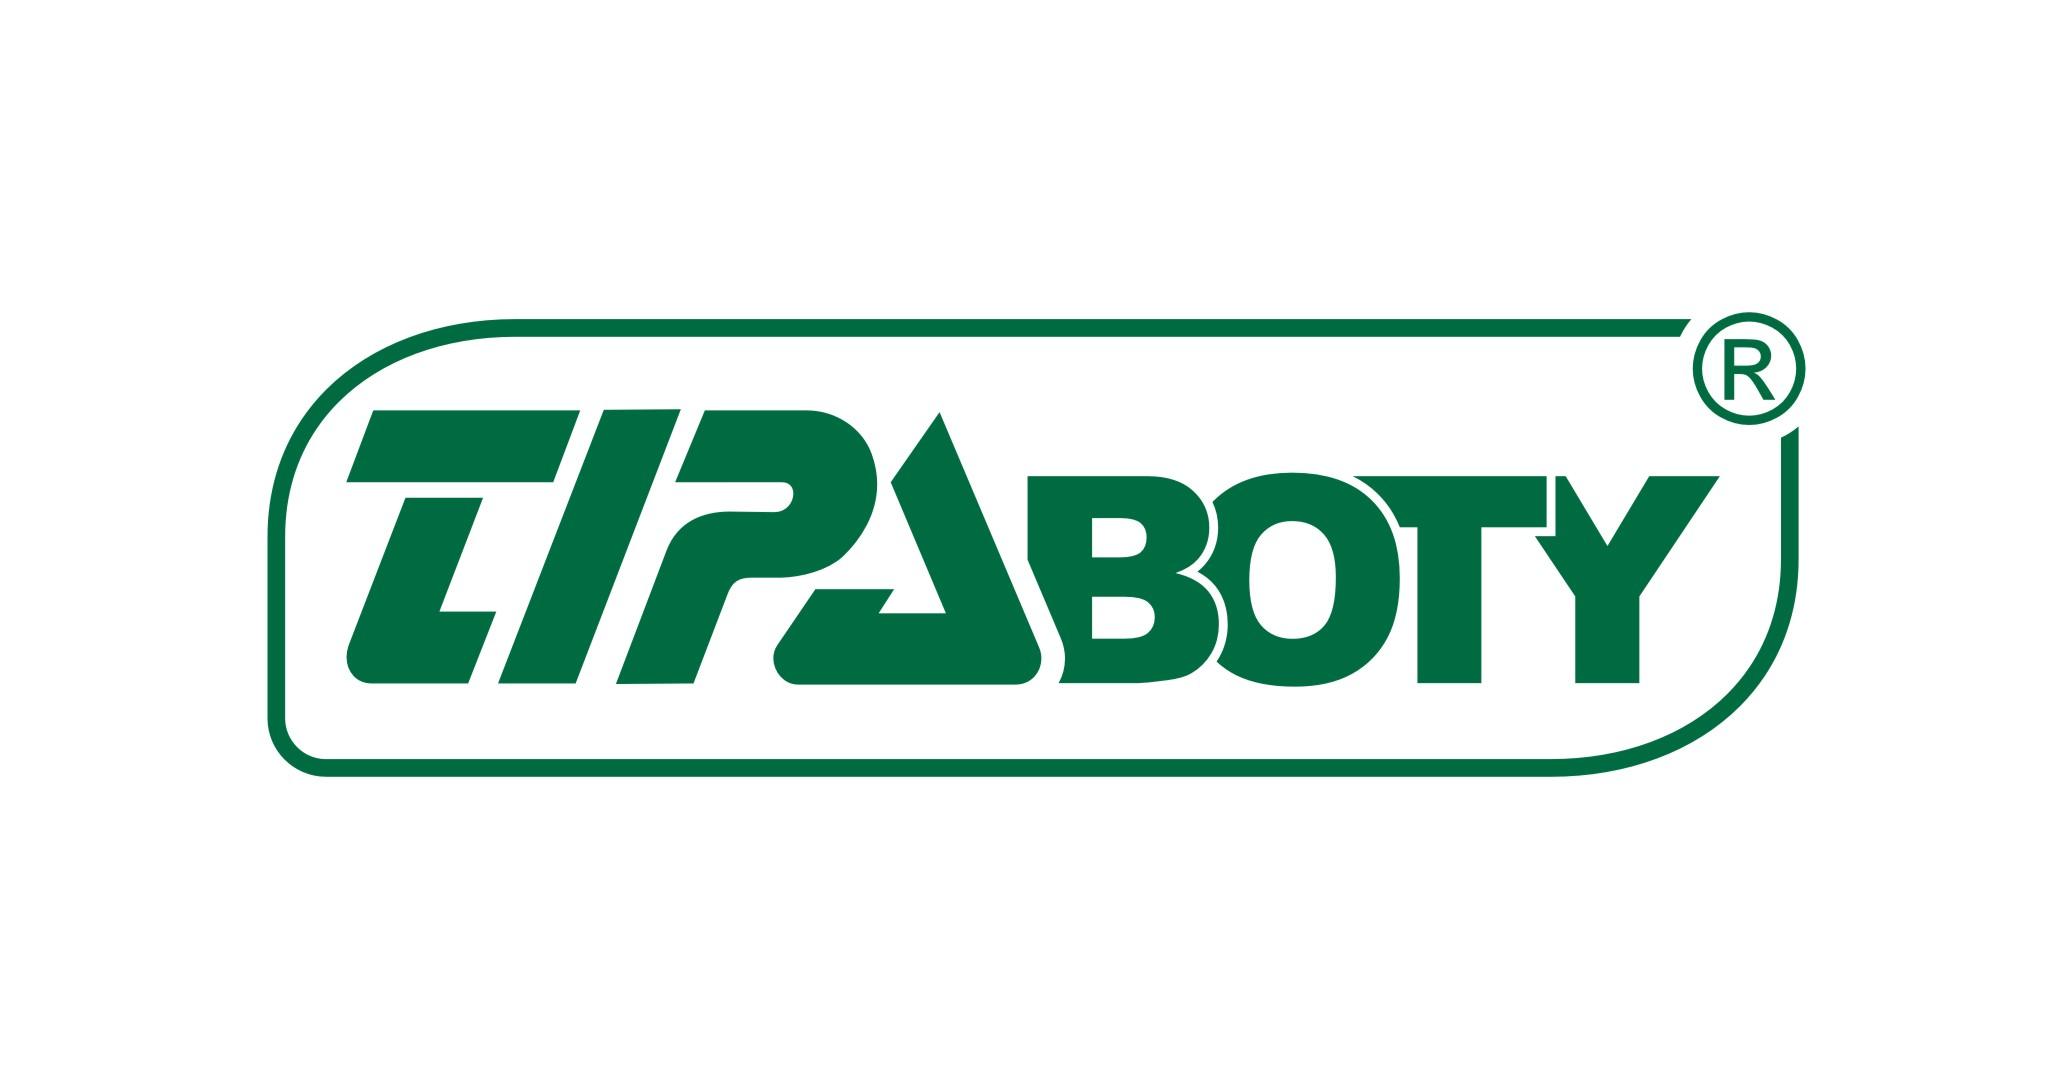 TIPABOTY s.r.o.